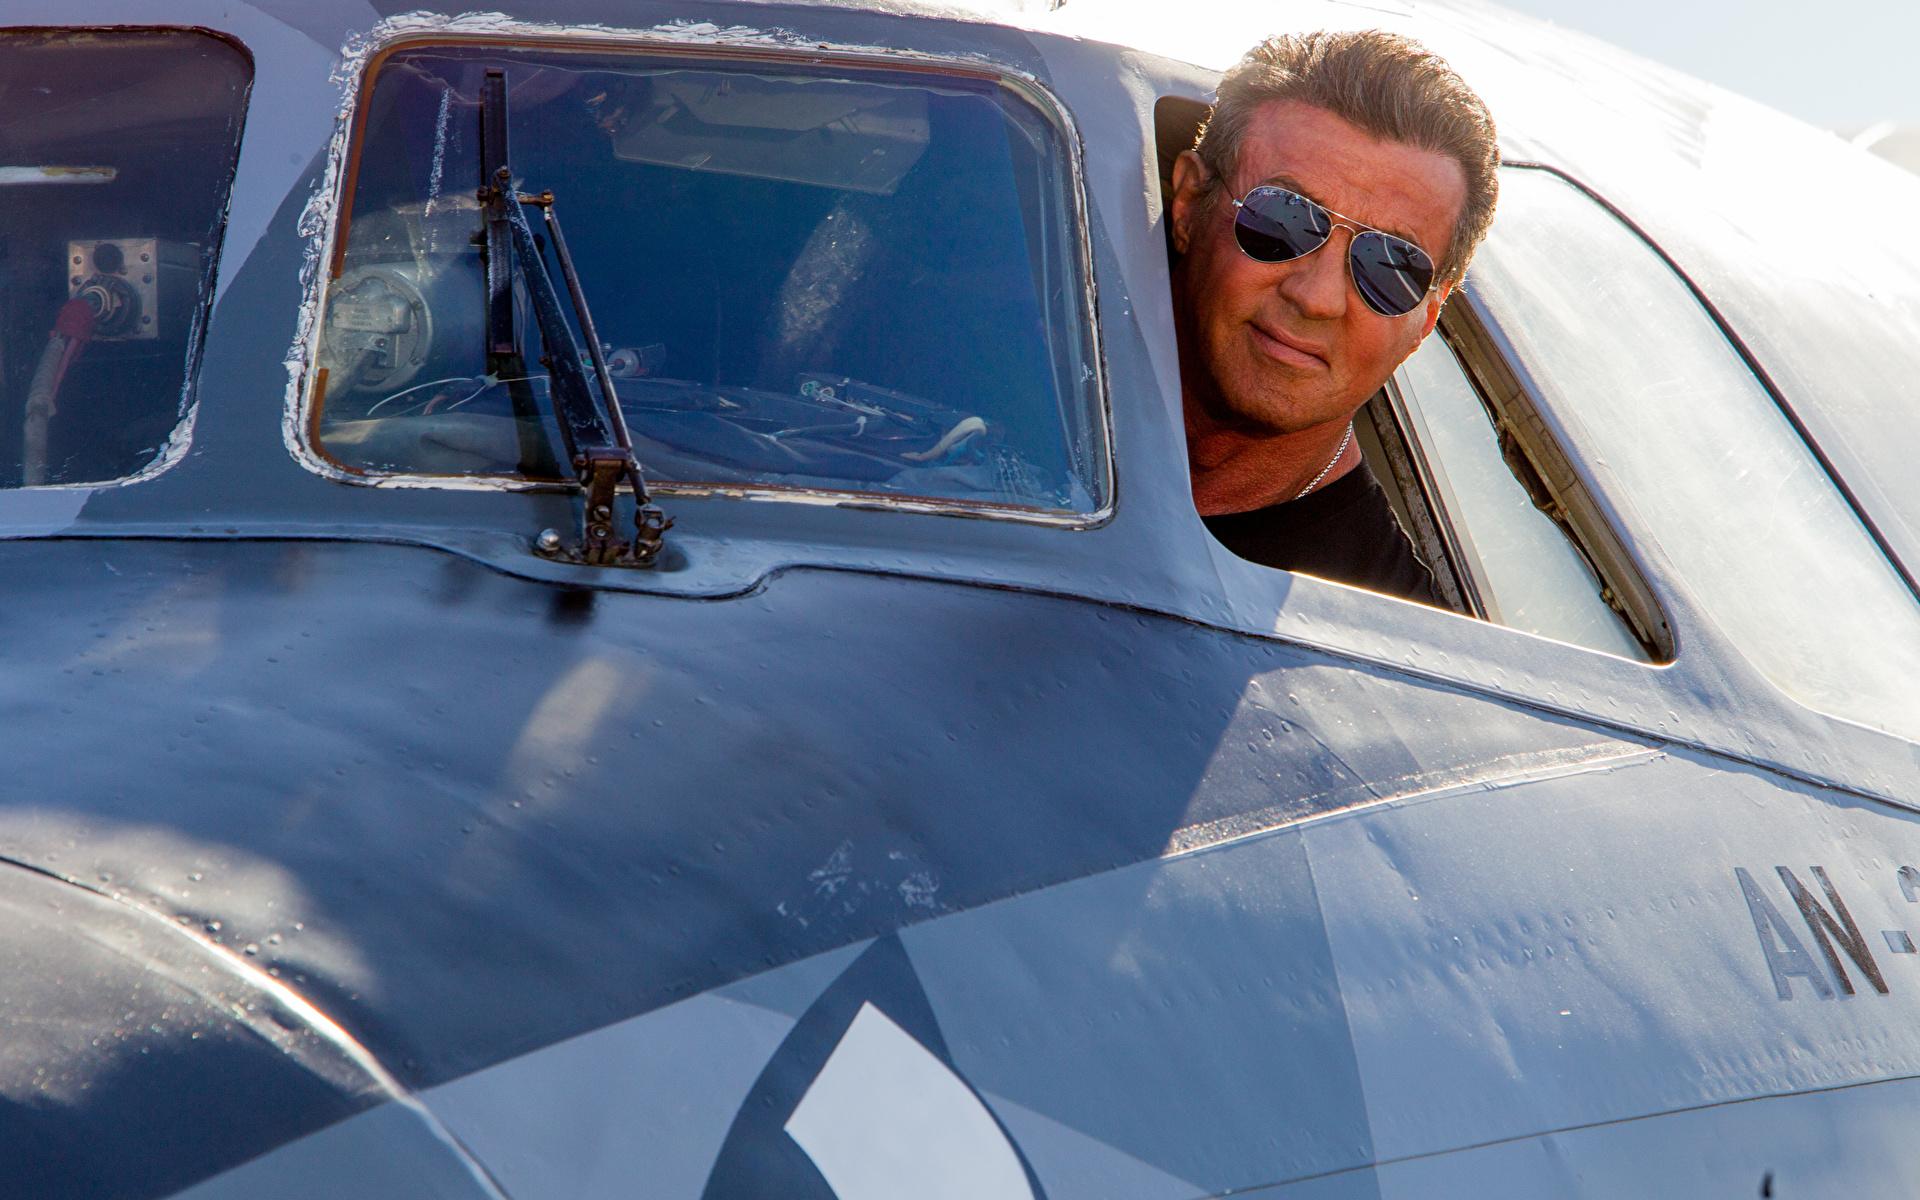 Картинки Неудержимые Sylvester Stallone Самолеты мужчина Фильмы Очки Знаменитости 1920x1200 Сильвестр Сталлоне Мужчины кино очков очках